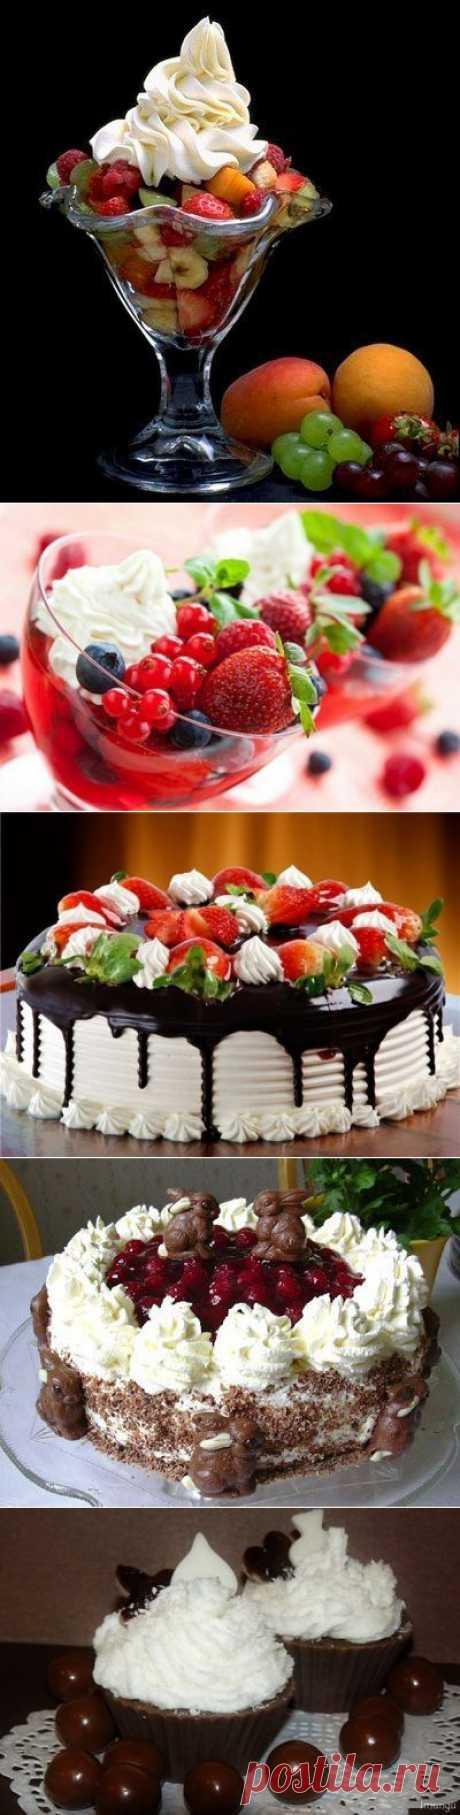 Крема для пирожных и тортов .